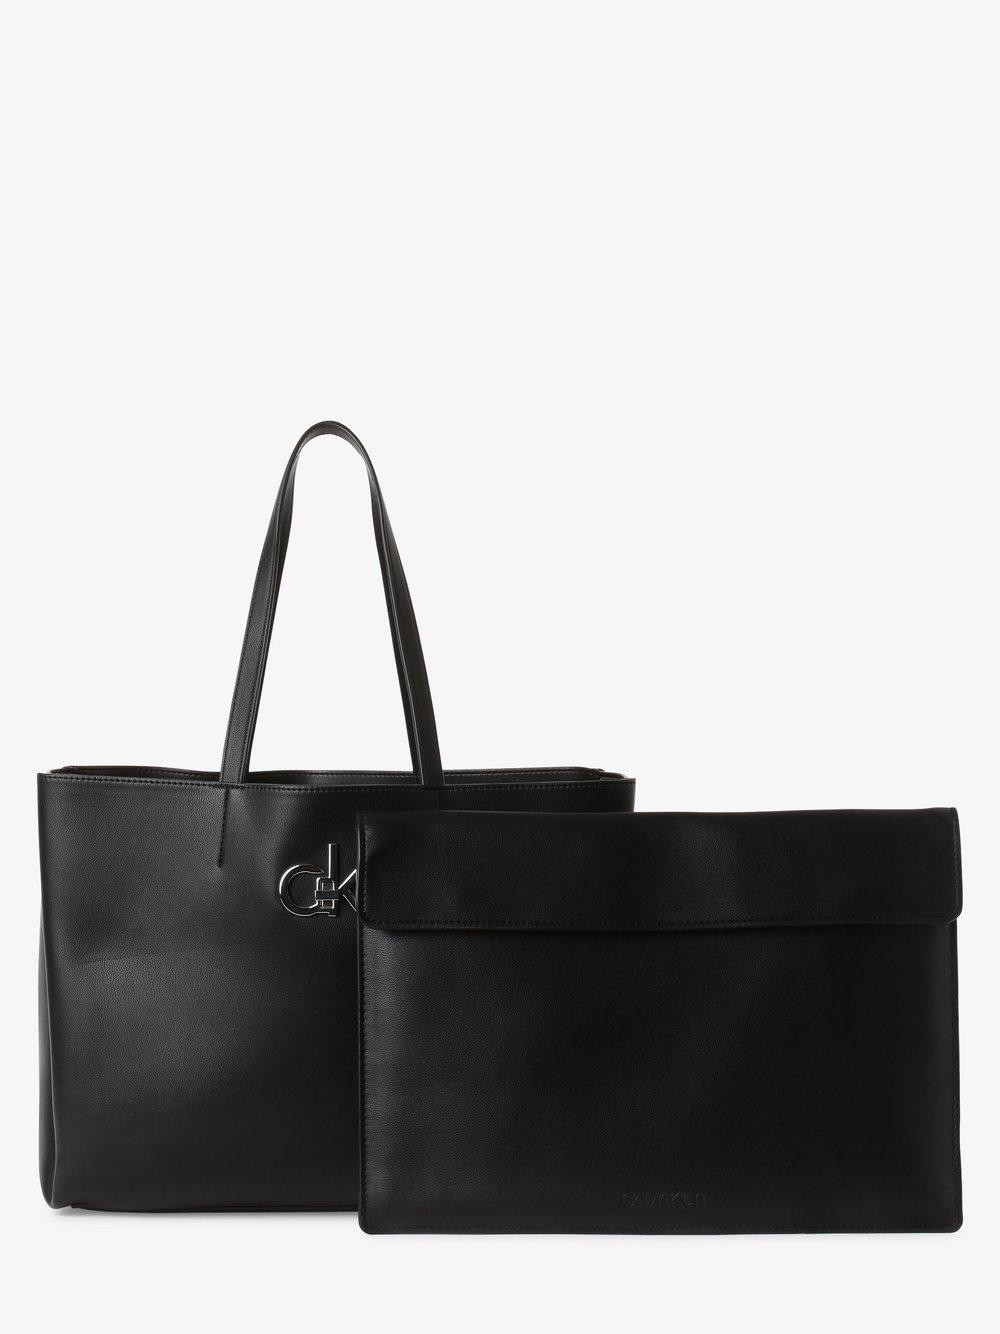 Calvin Klein - Damska torba shopper z torebką wewnętrzną, czarny